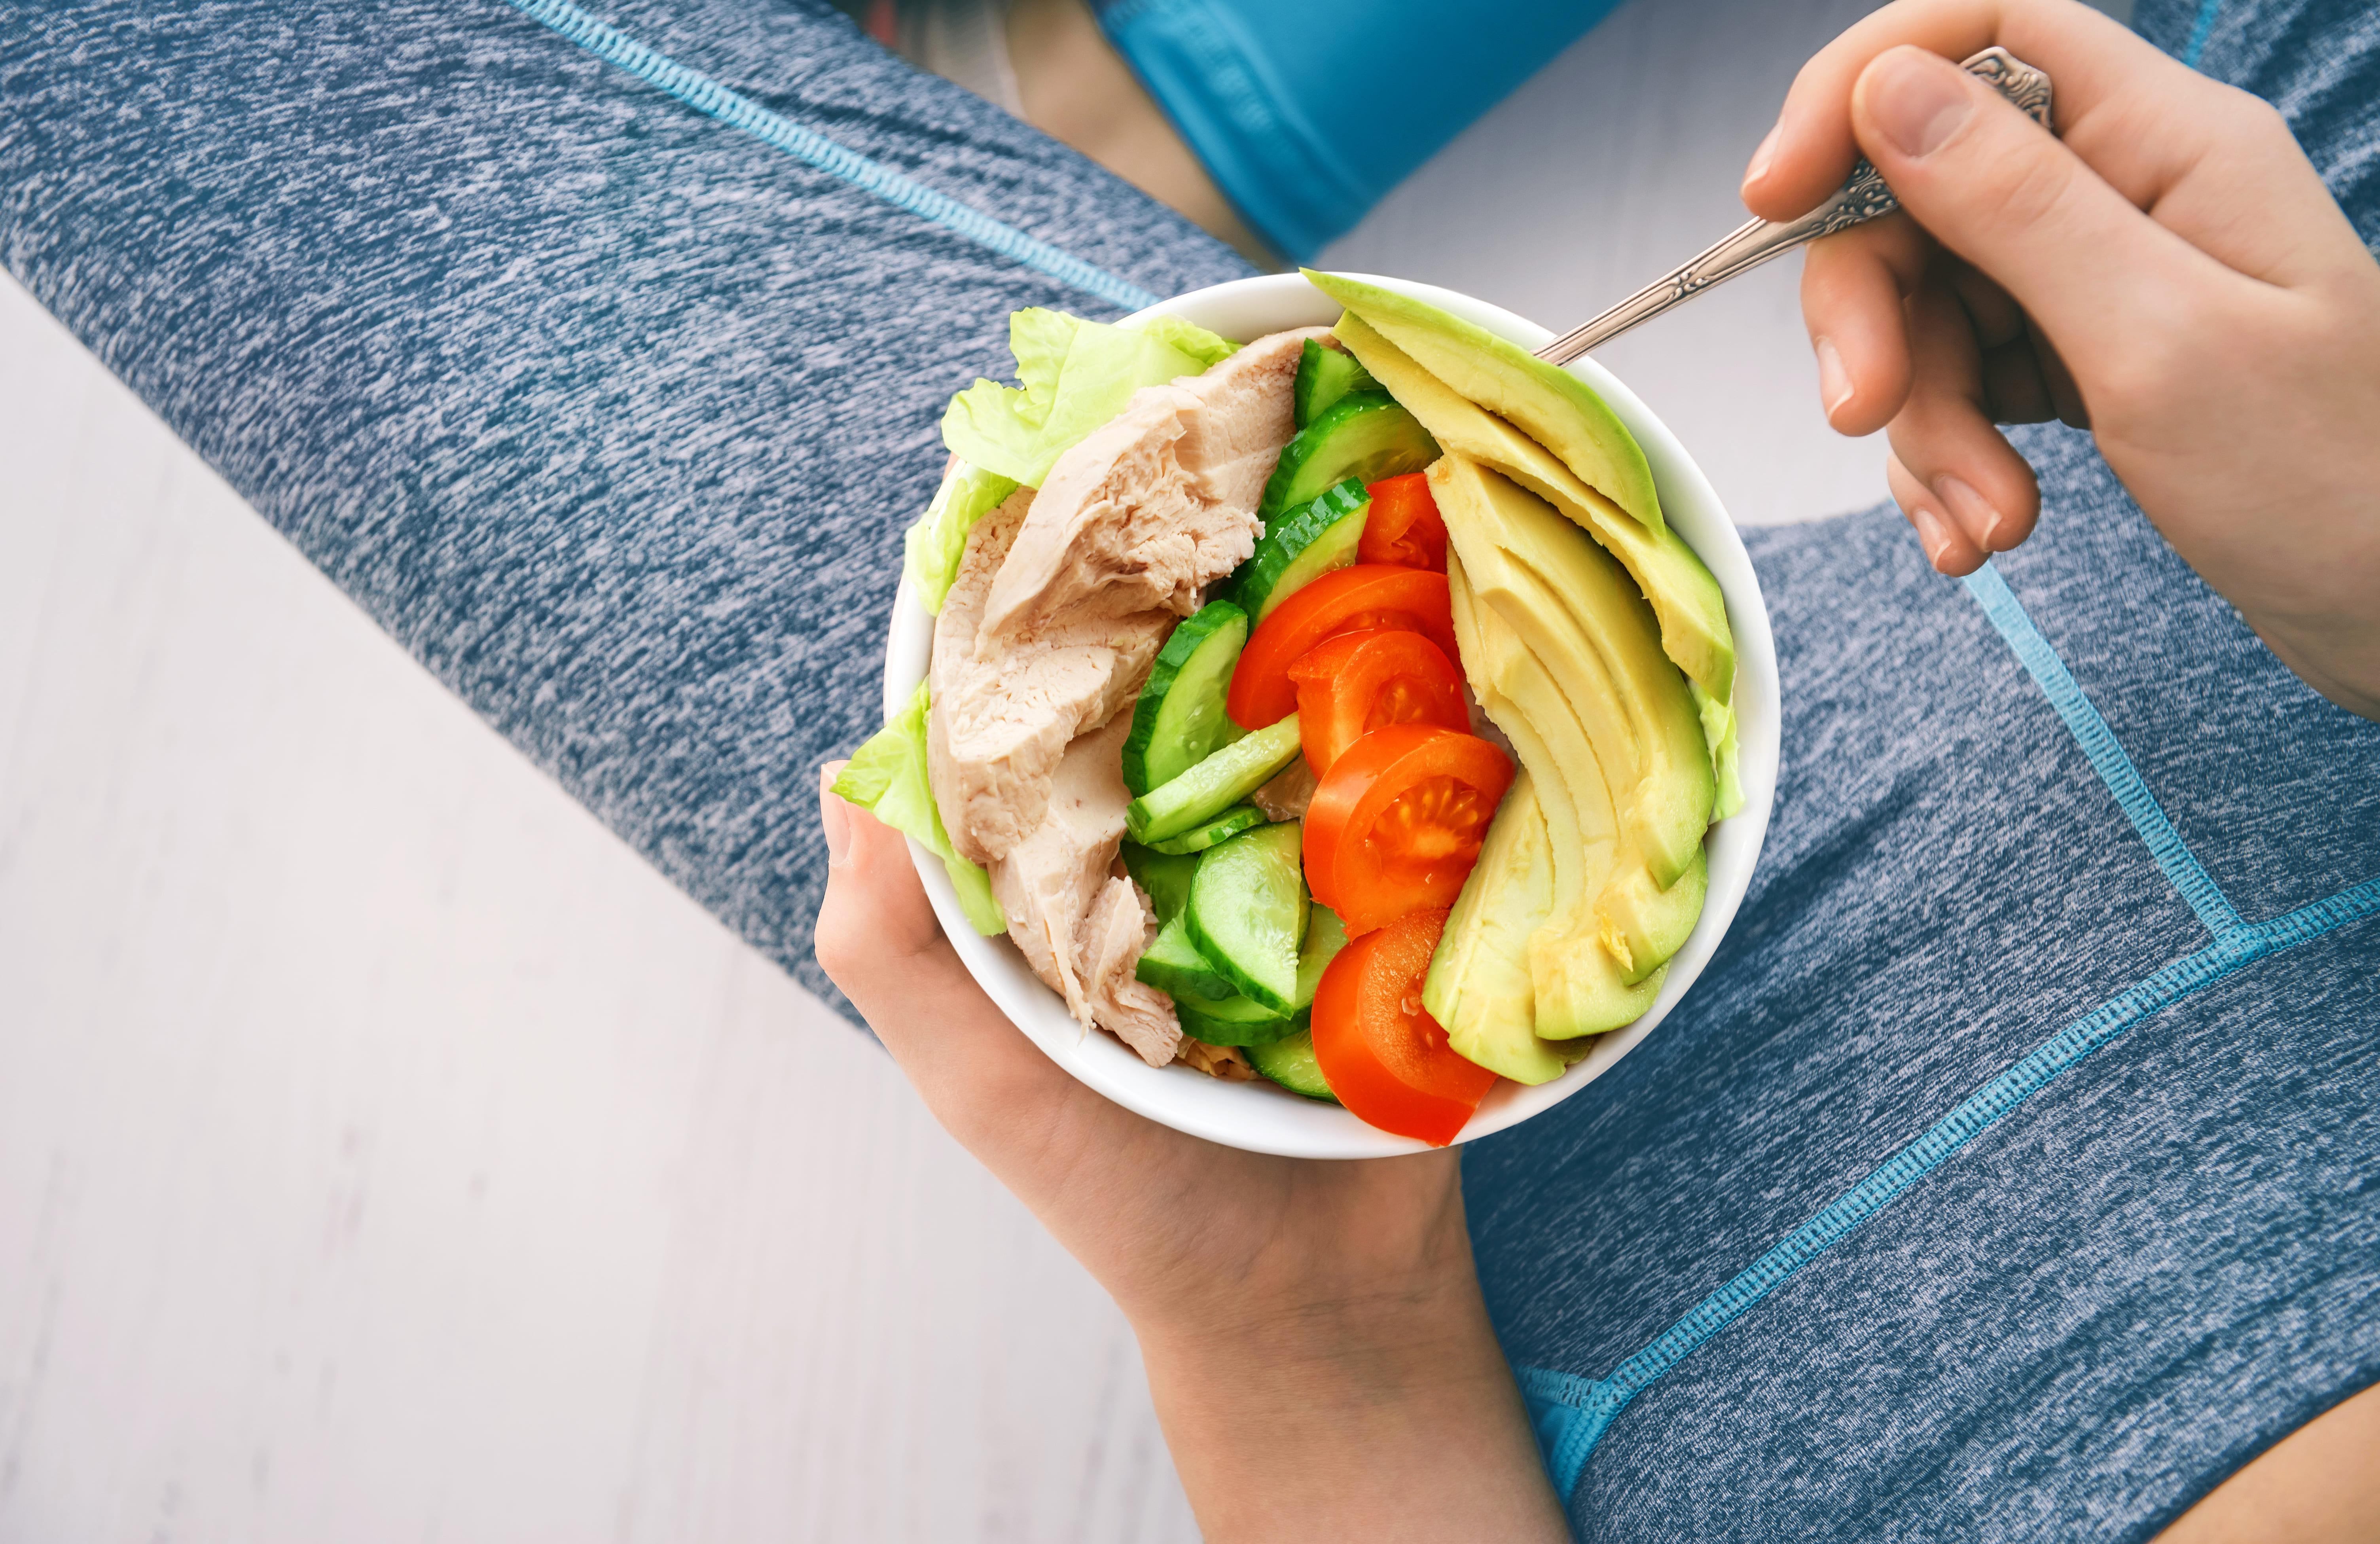 鶏肉、きゅうり、アボカド、トマトのサラダを持った女性の写真